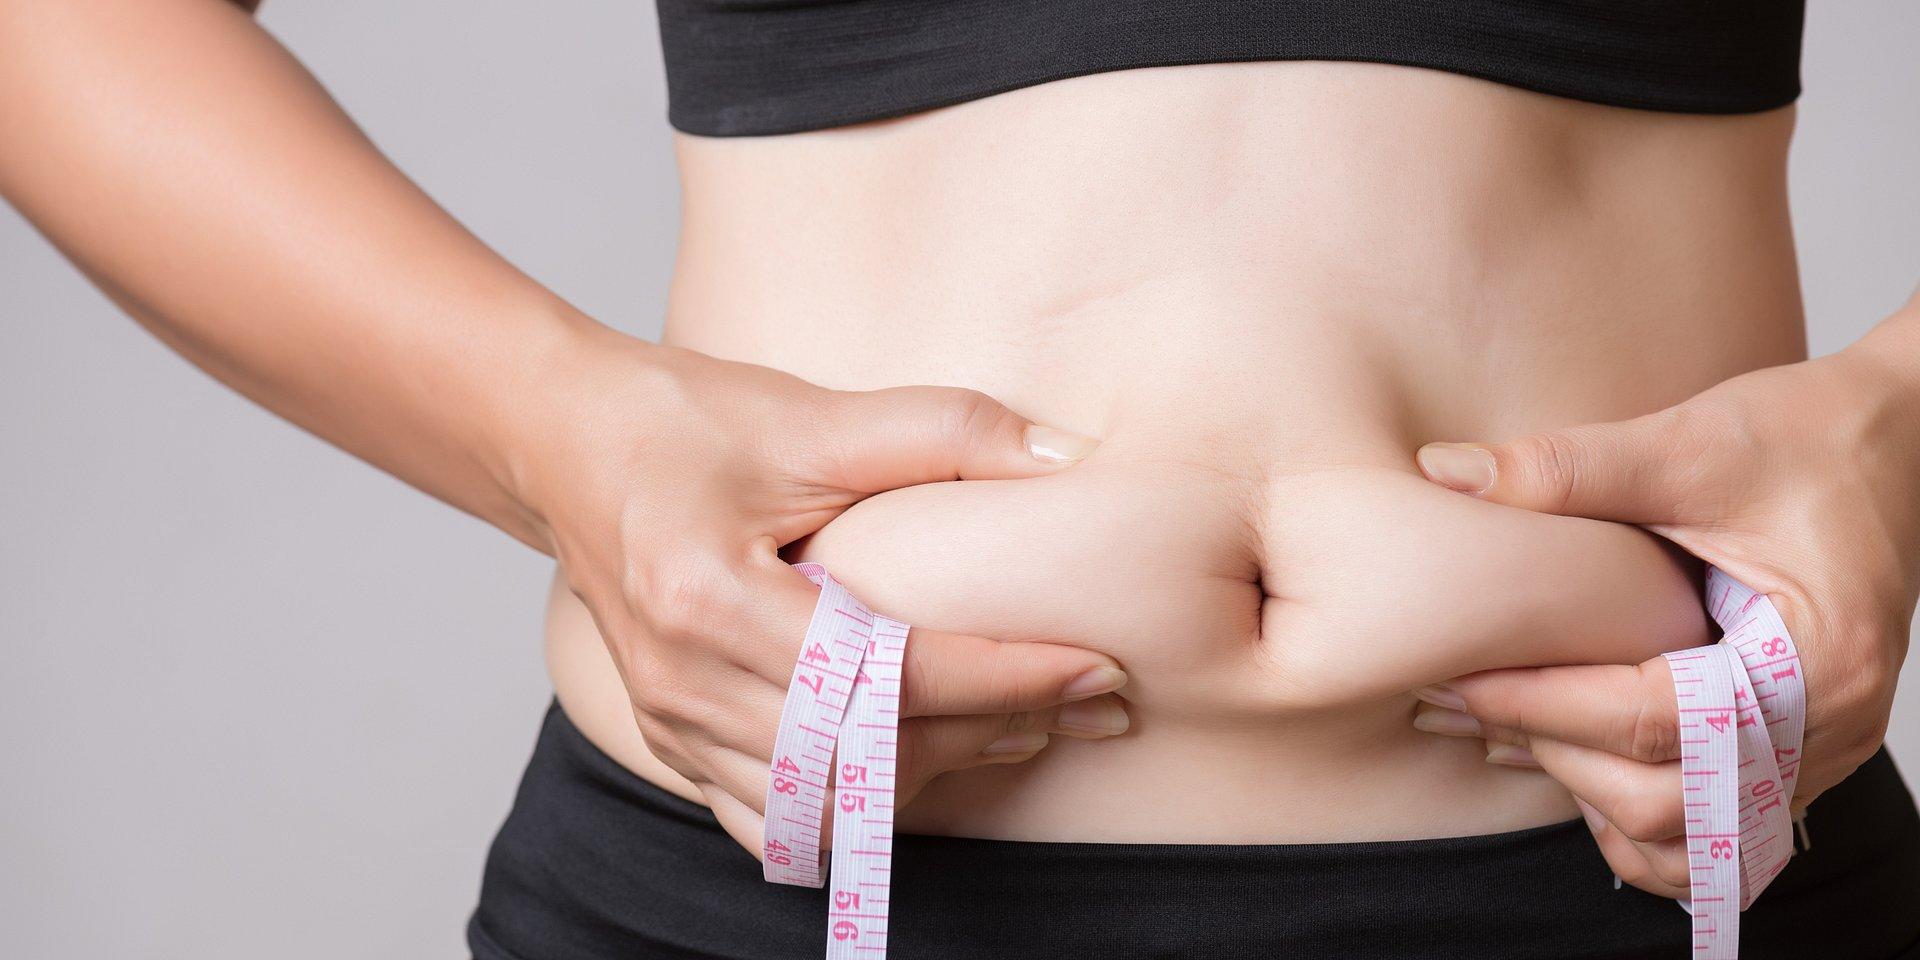 Schudłam i co dalej? Jak poradzić sobie z nadmiarem skóry na brzuchu?